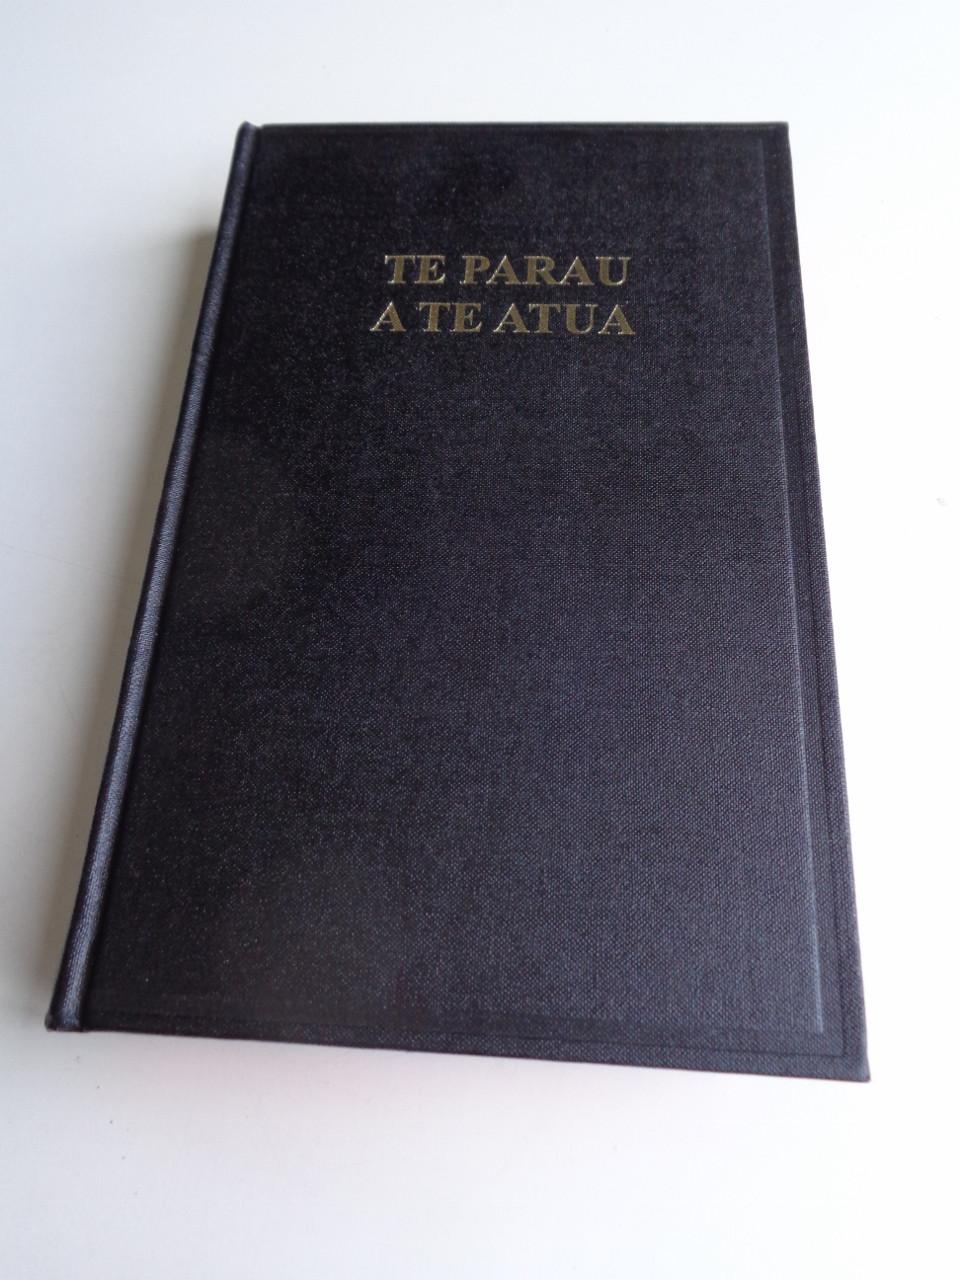 Tahitian Bible 053 Te Parau A Te Atua Te Bibilia Mo A Ra Oia Te Faufaa Tahito E Te Faufaa Api Ra Red Edges Black Hardcover Column References Bibleinmylanguage